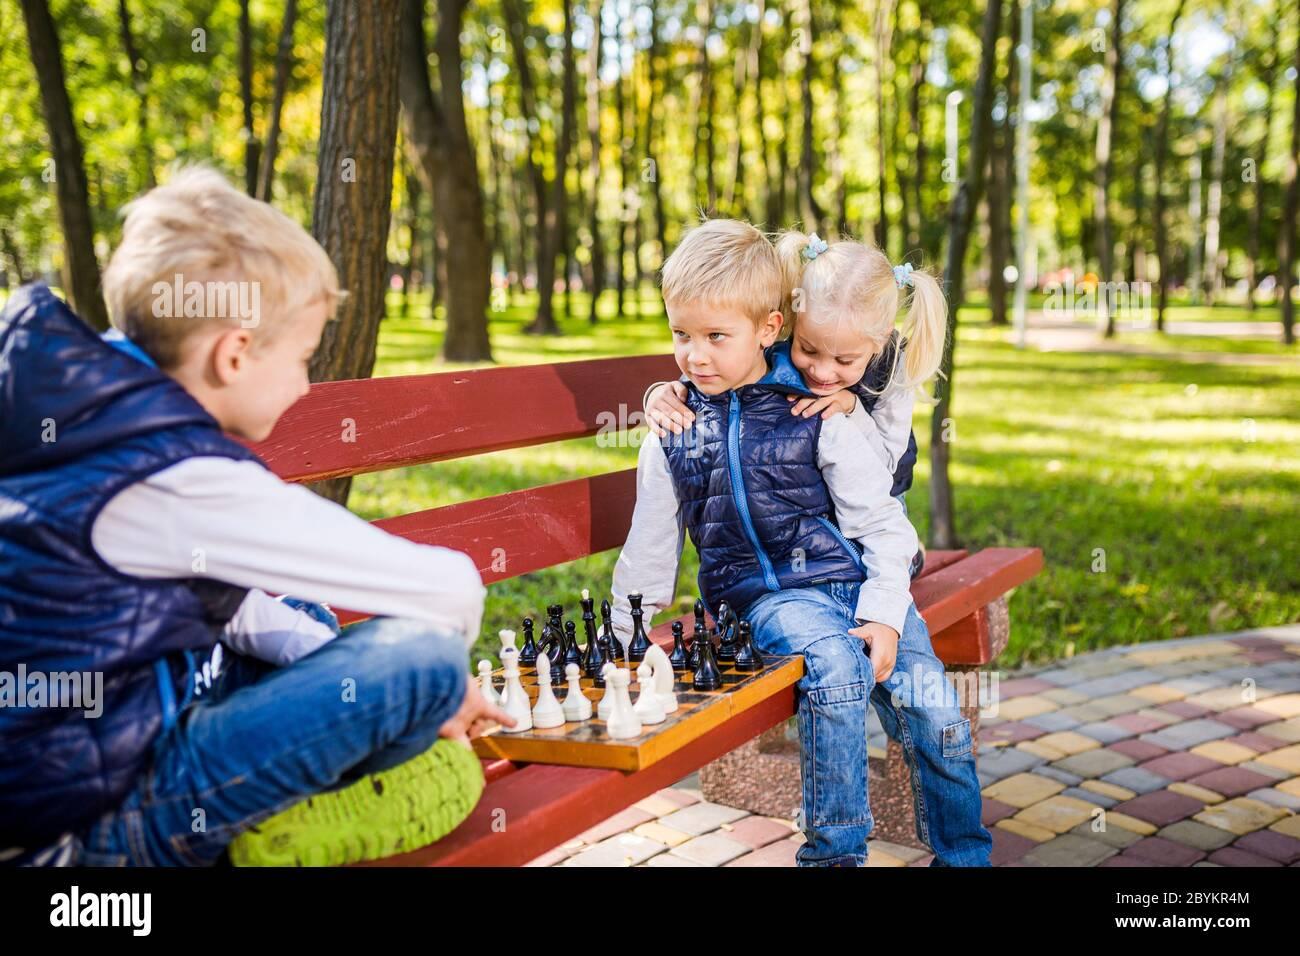 Petits frères jouant aux échecs avec sœur sur banc dans le parc. Développement de l'intelligence des enfants. Loisirs en famille. Enfants jouant aux échecs à l'échiquier Banque D'Images